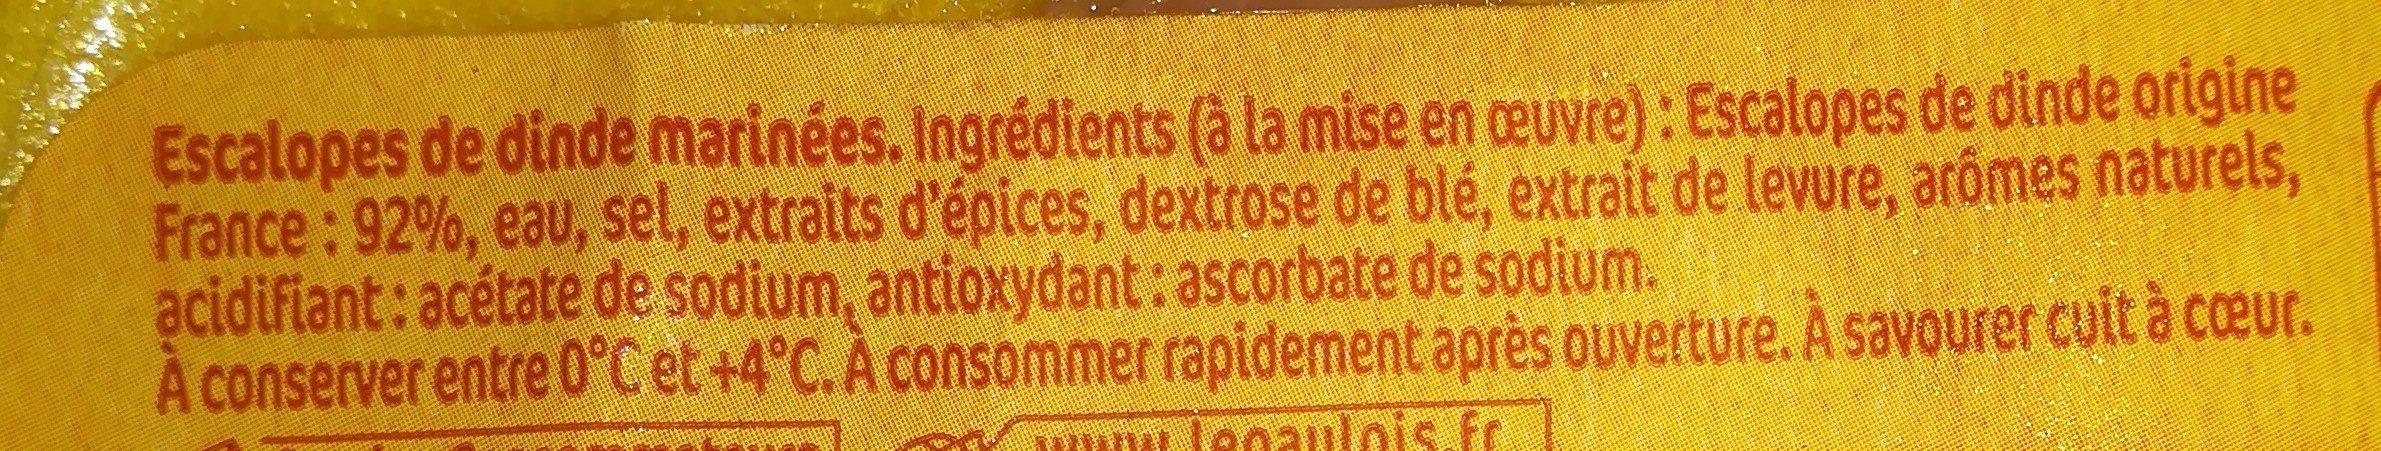 Escalope de dinde - Ingrediënten